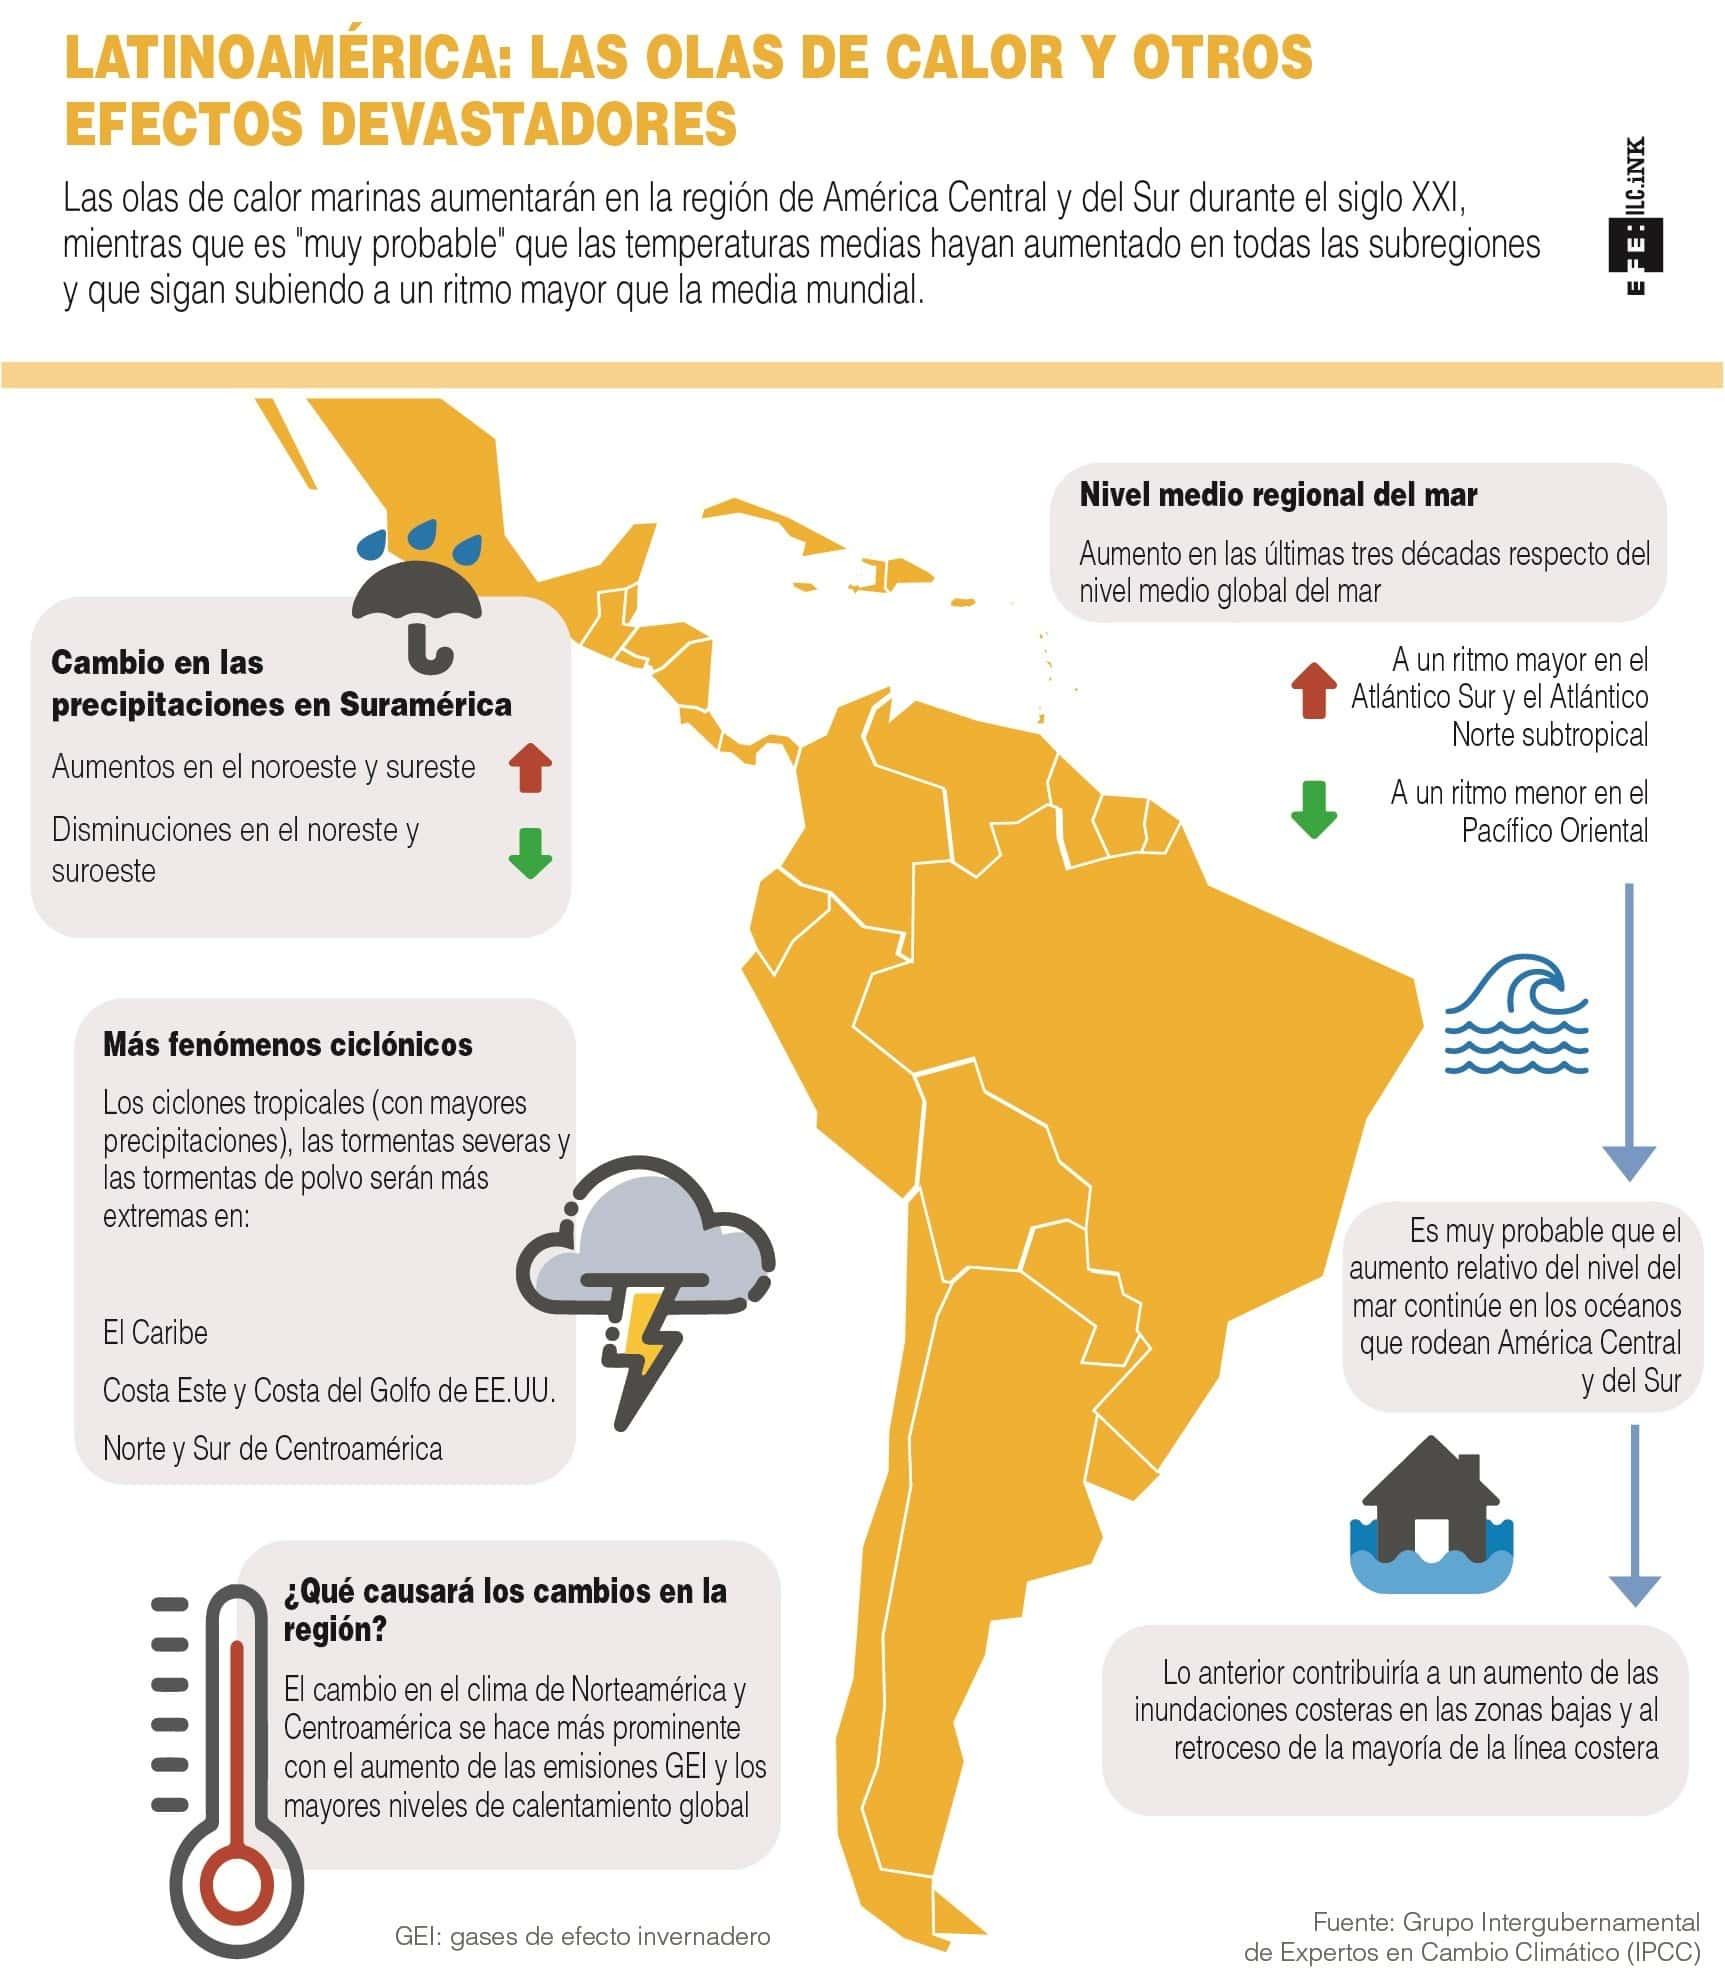 [Infografía] Las olas de calor marinas crecerán en la región de América Central y del Sur 1